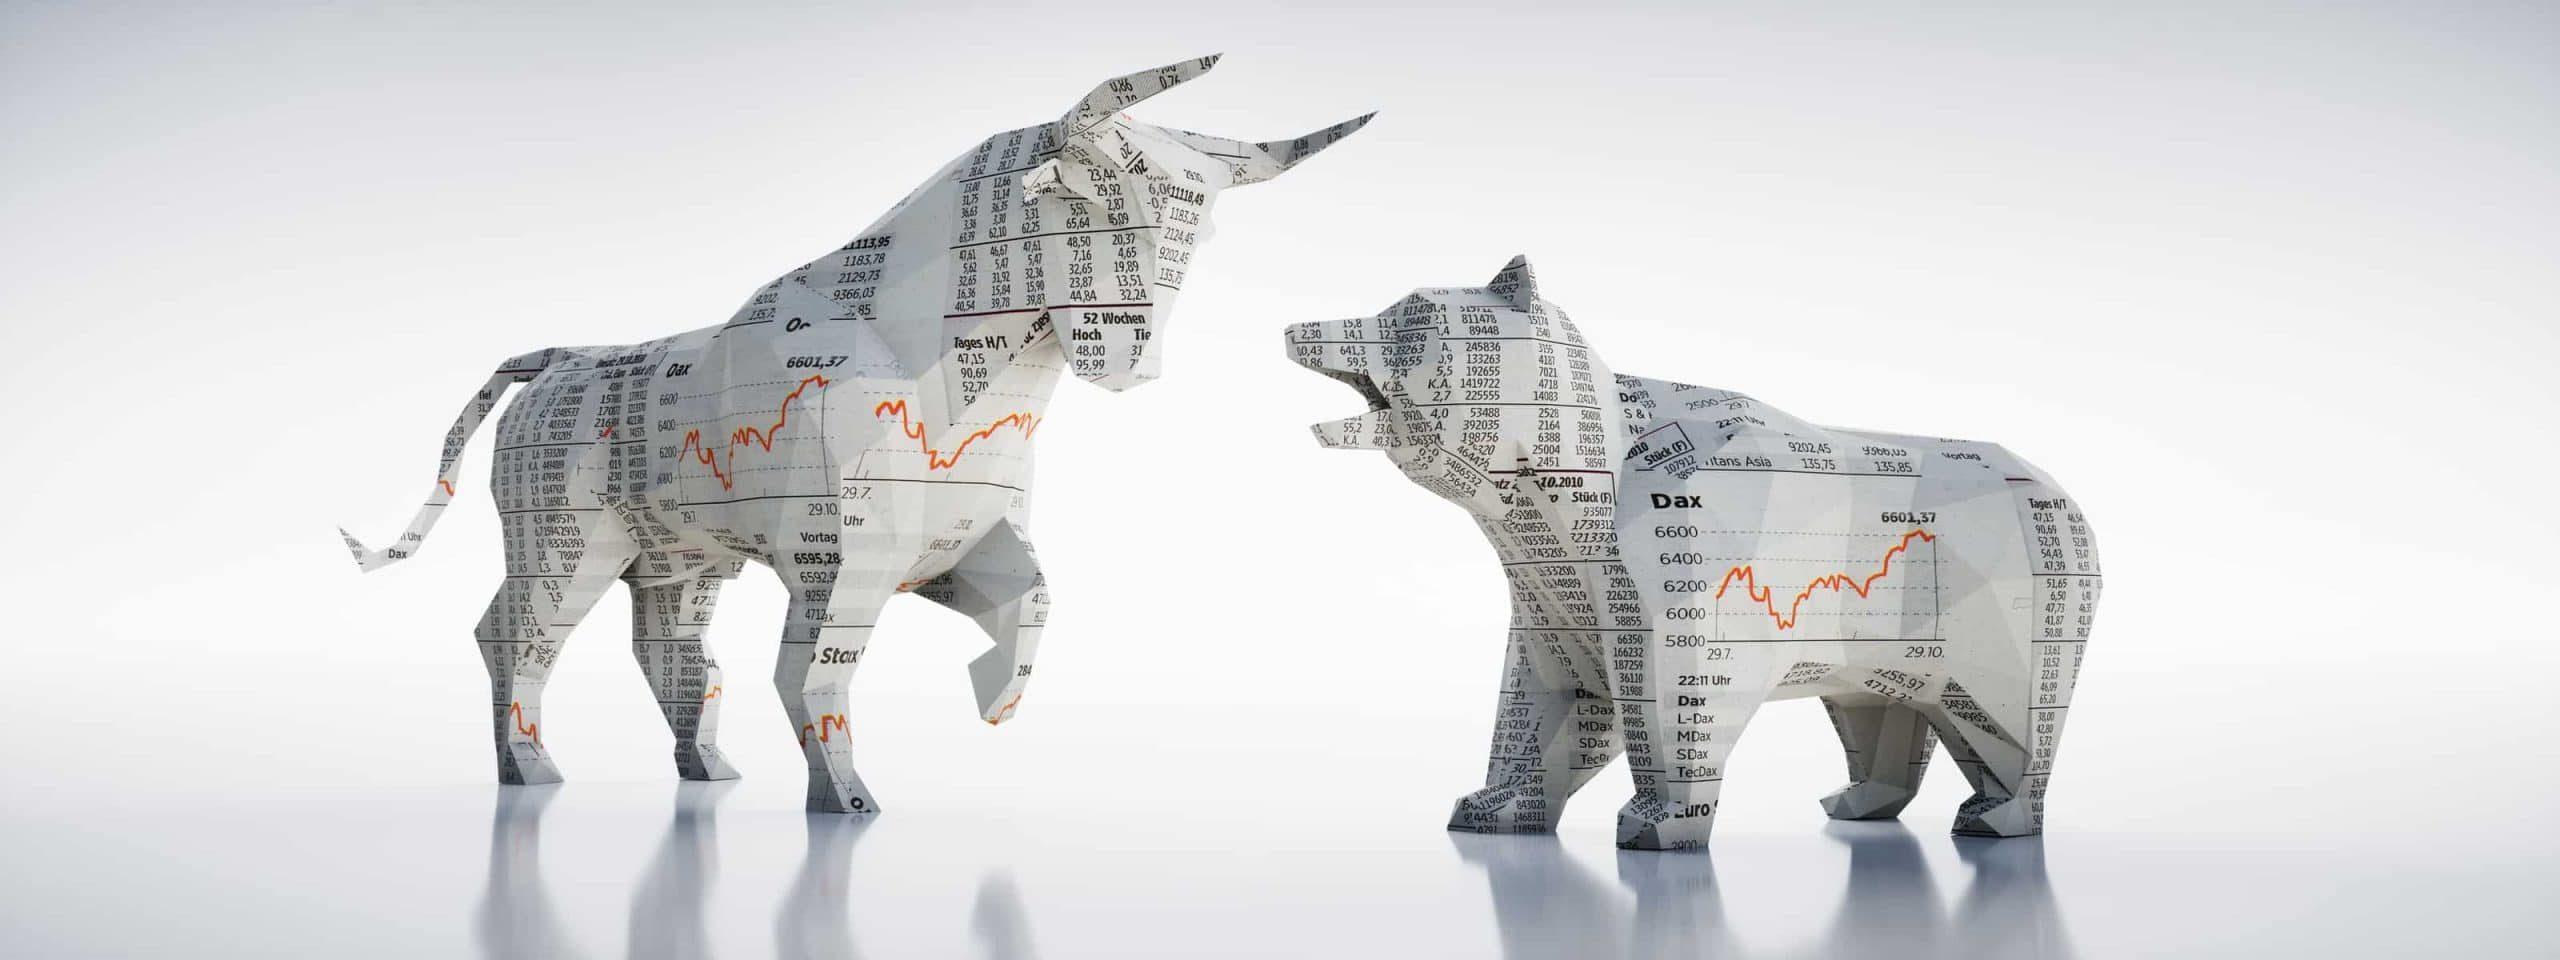 Aktien kaufen